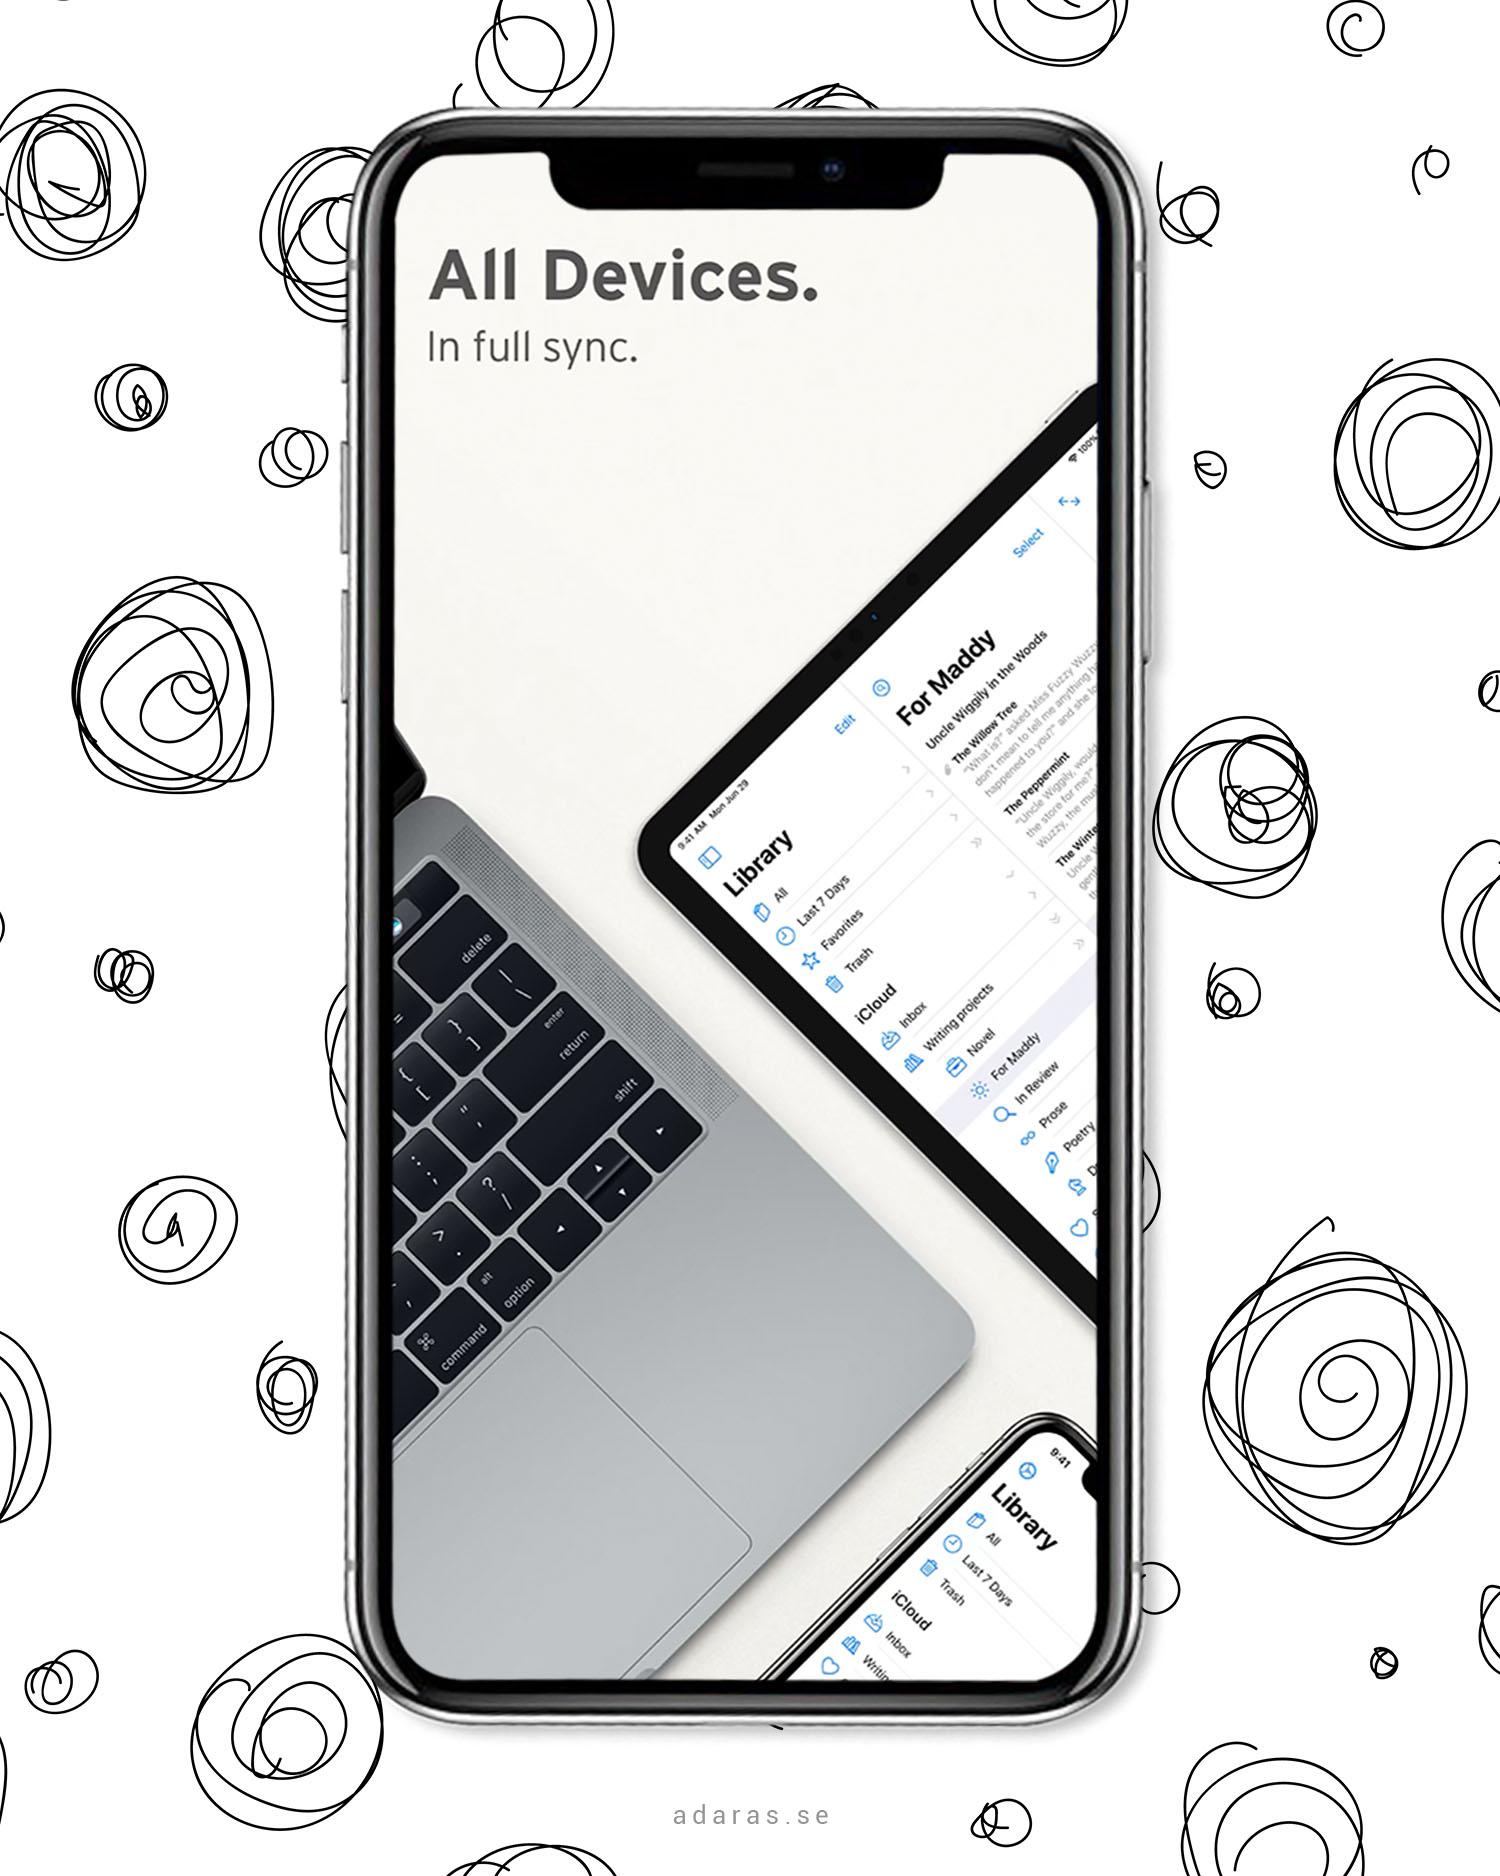 Ulysses - Distraktionsfritt skrivande för Mac, iPad & iPhone |Produktivitetsappar